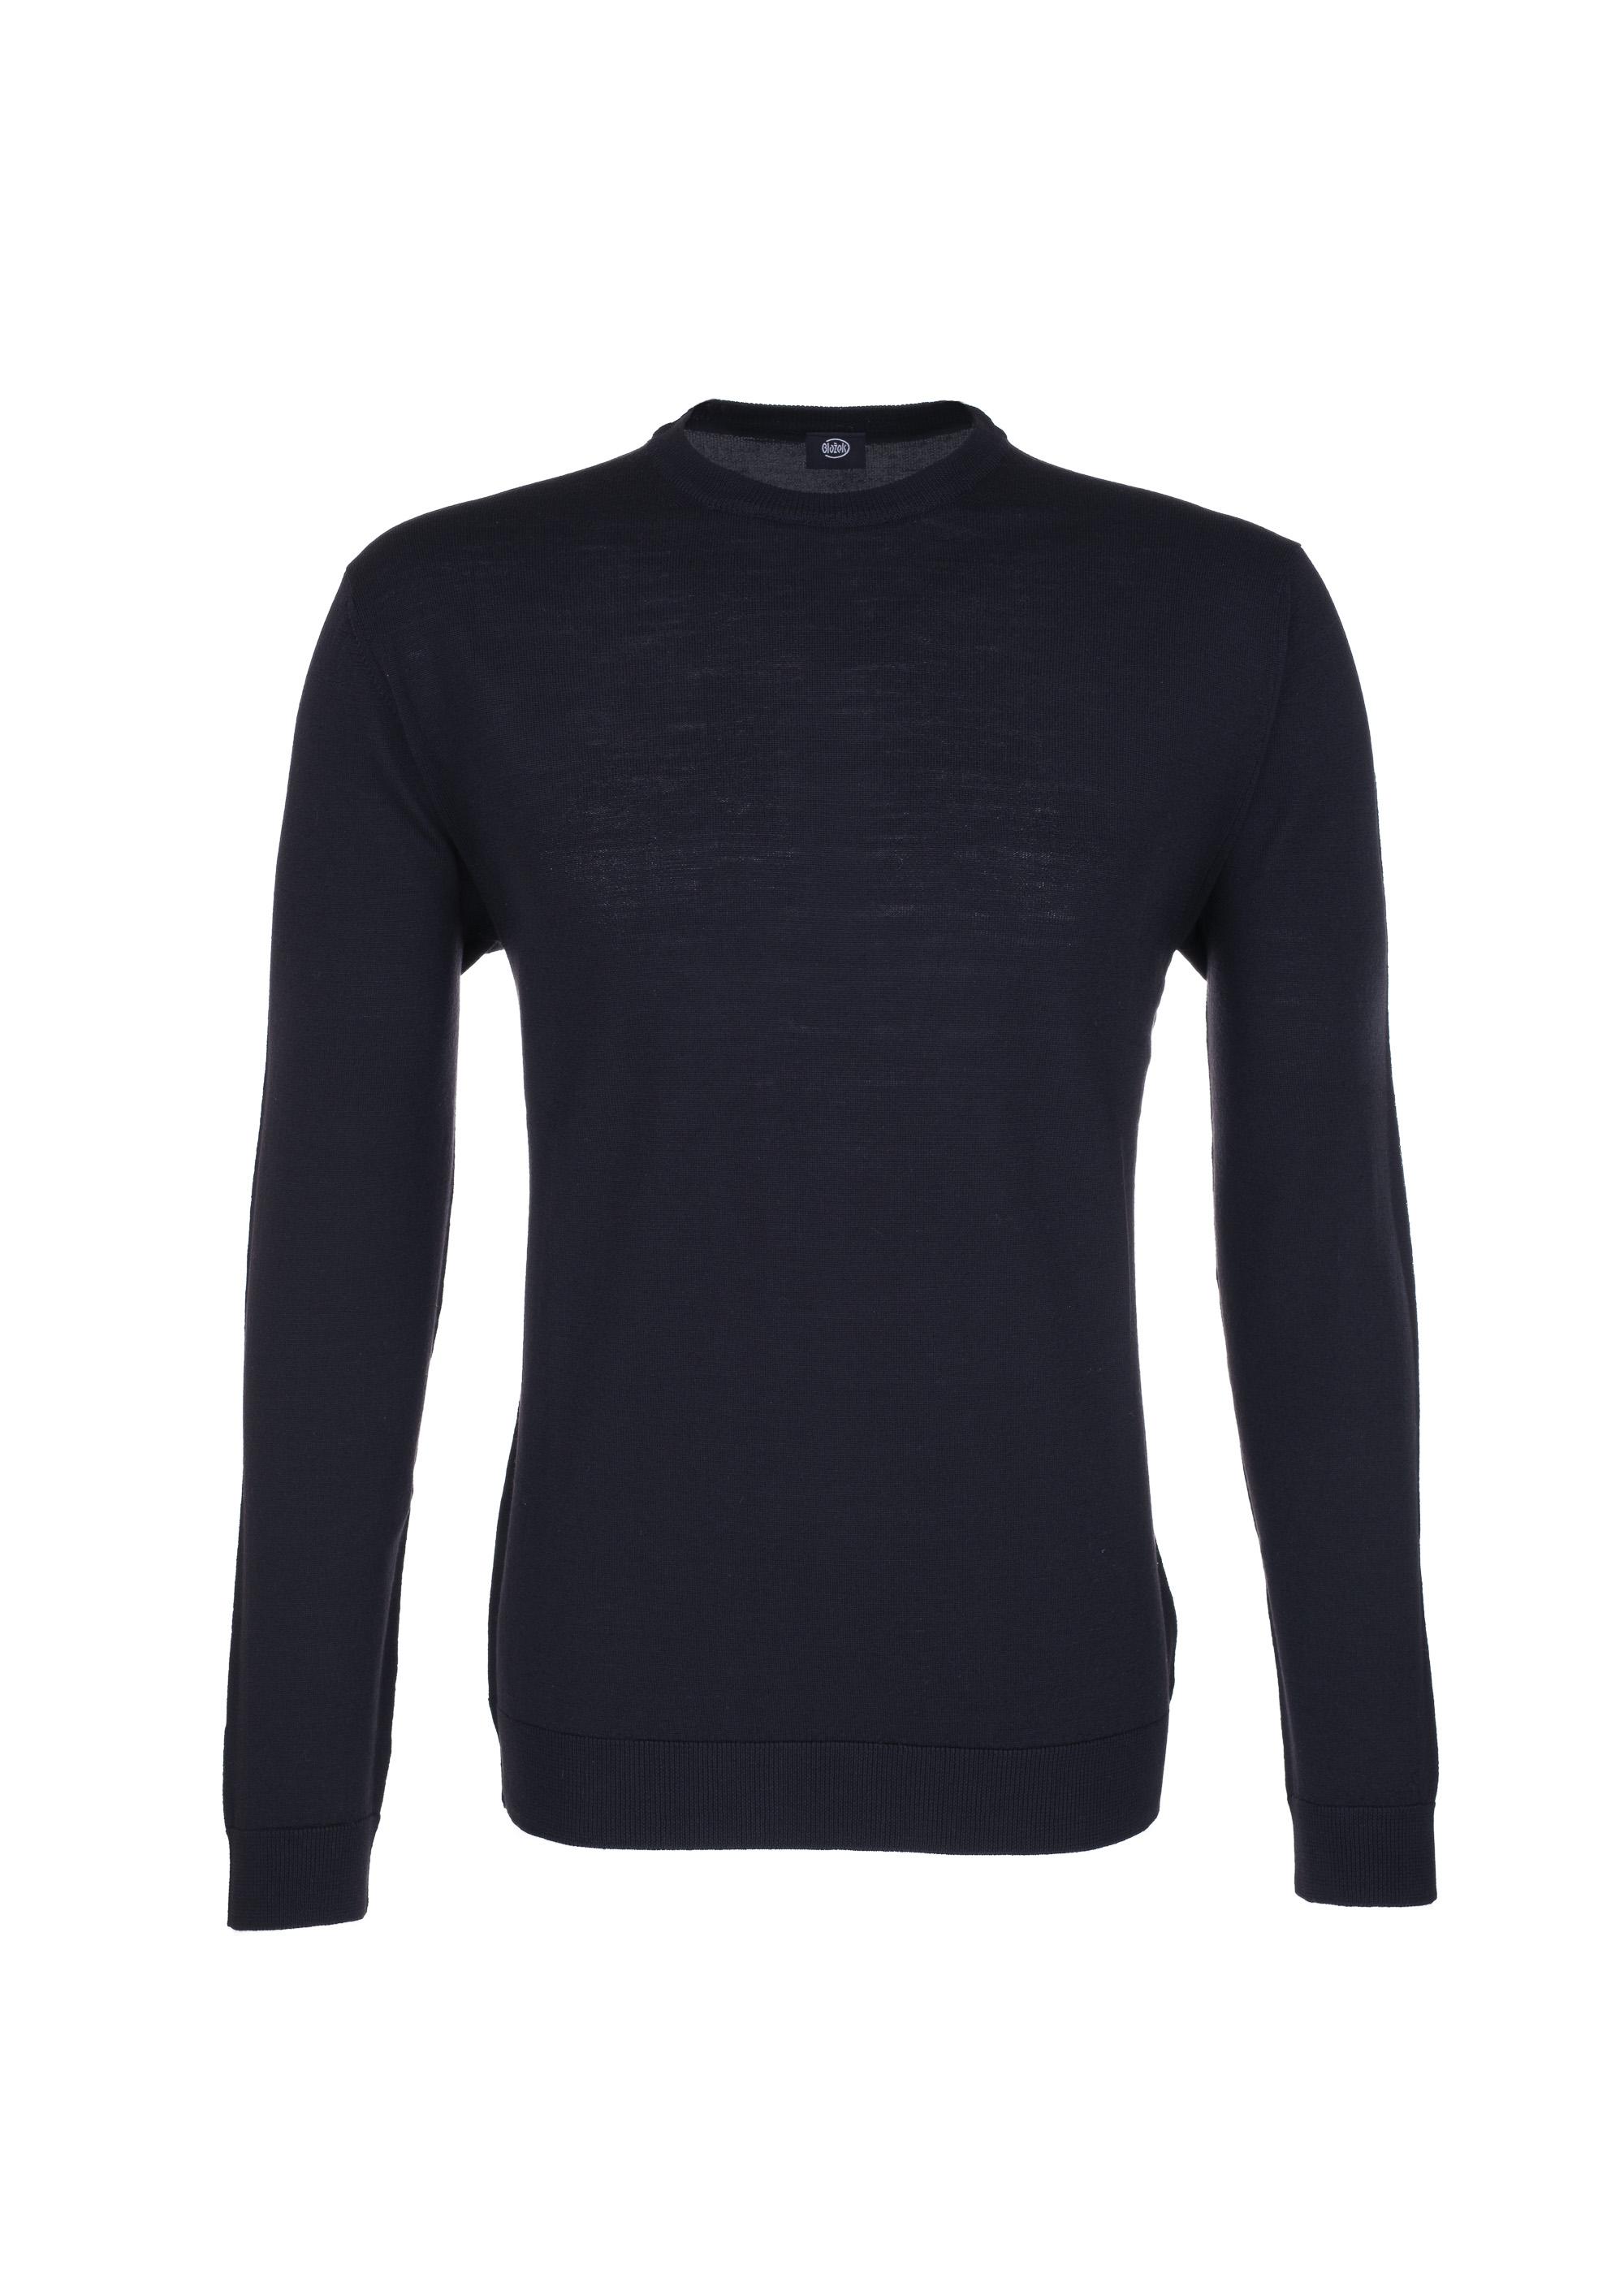 Černý hladký svetr Blažek 5329c5c3ec